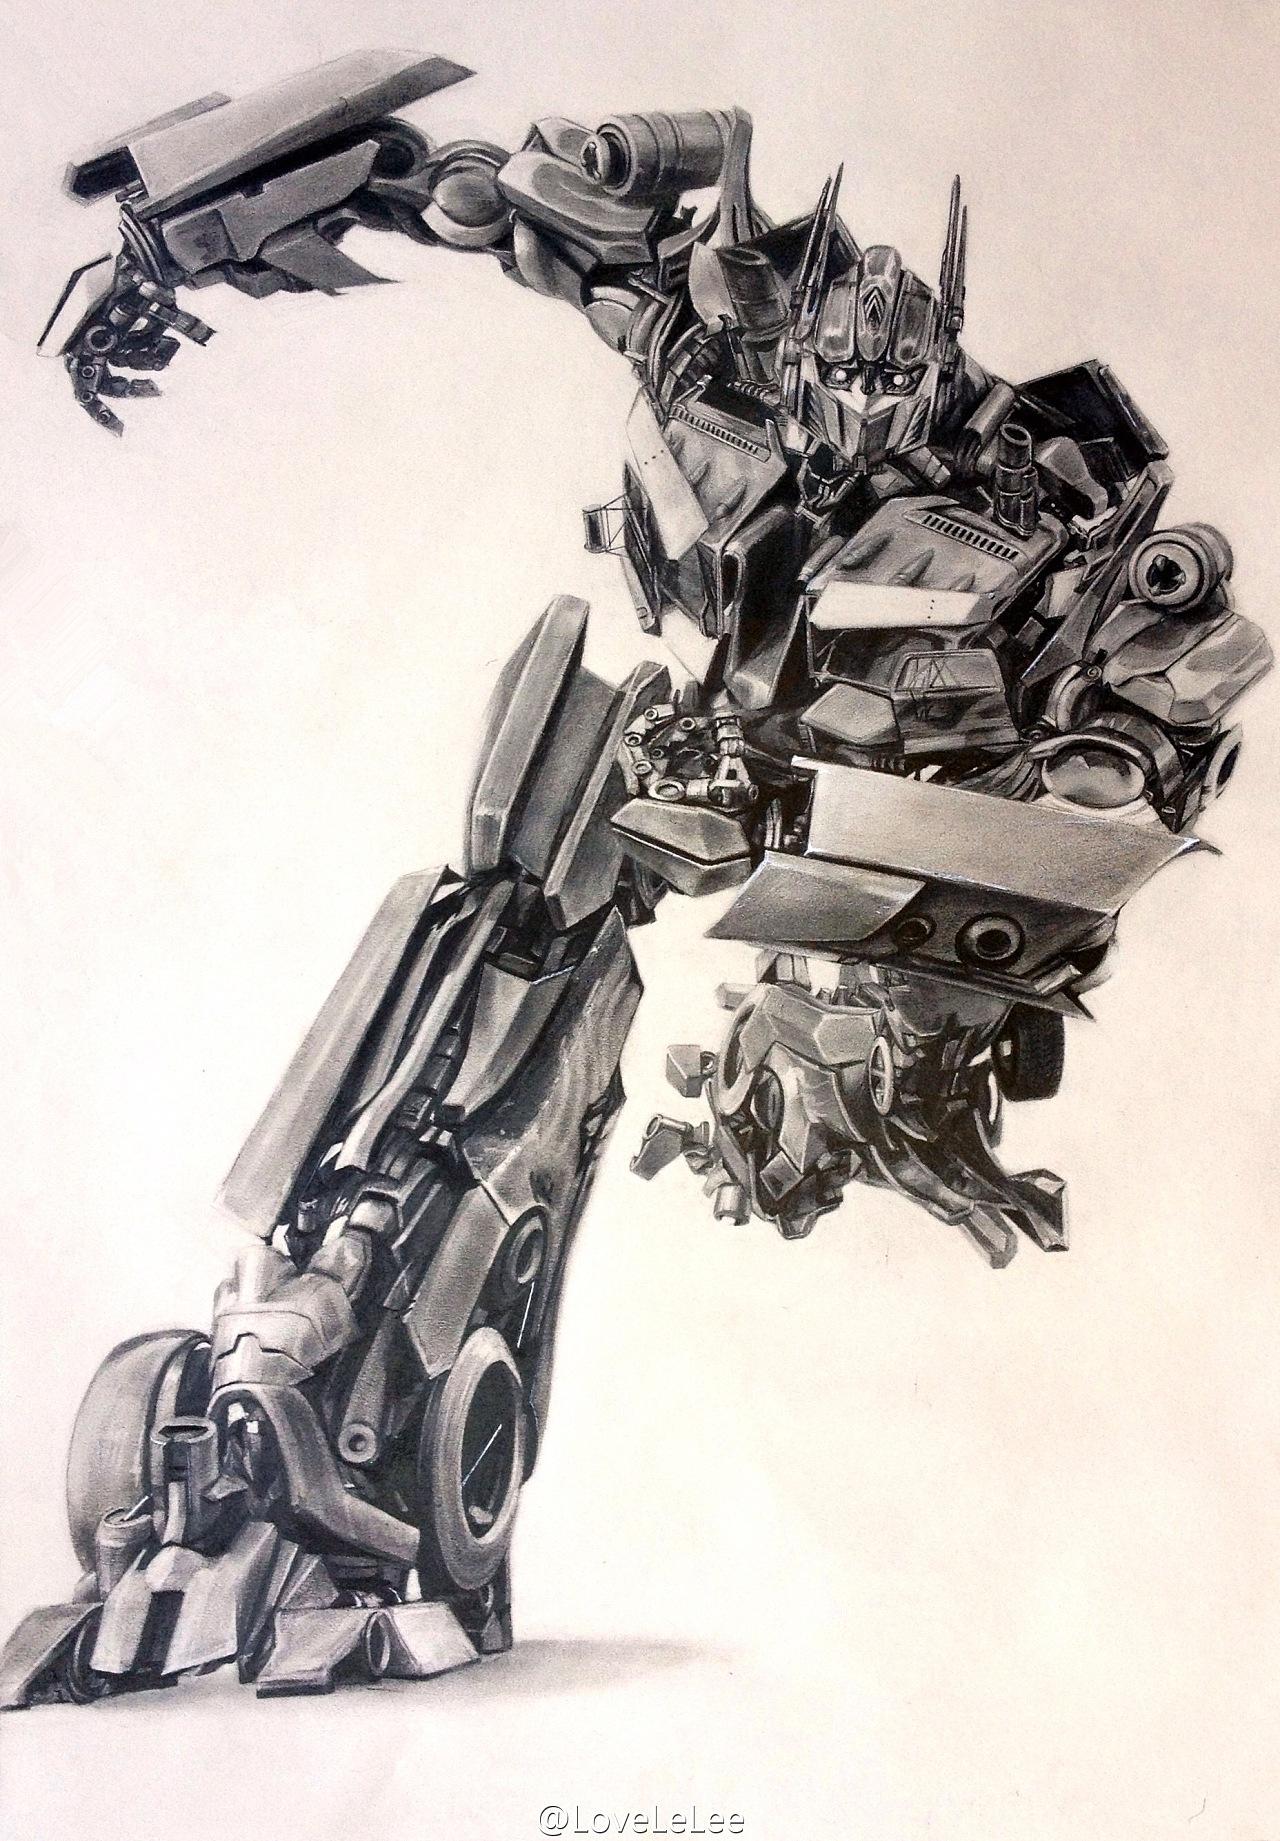 铅笔手绘变形金刚——擎天柱optimus prime